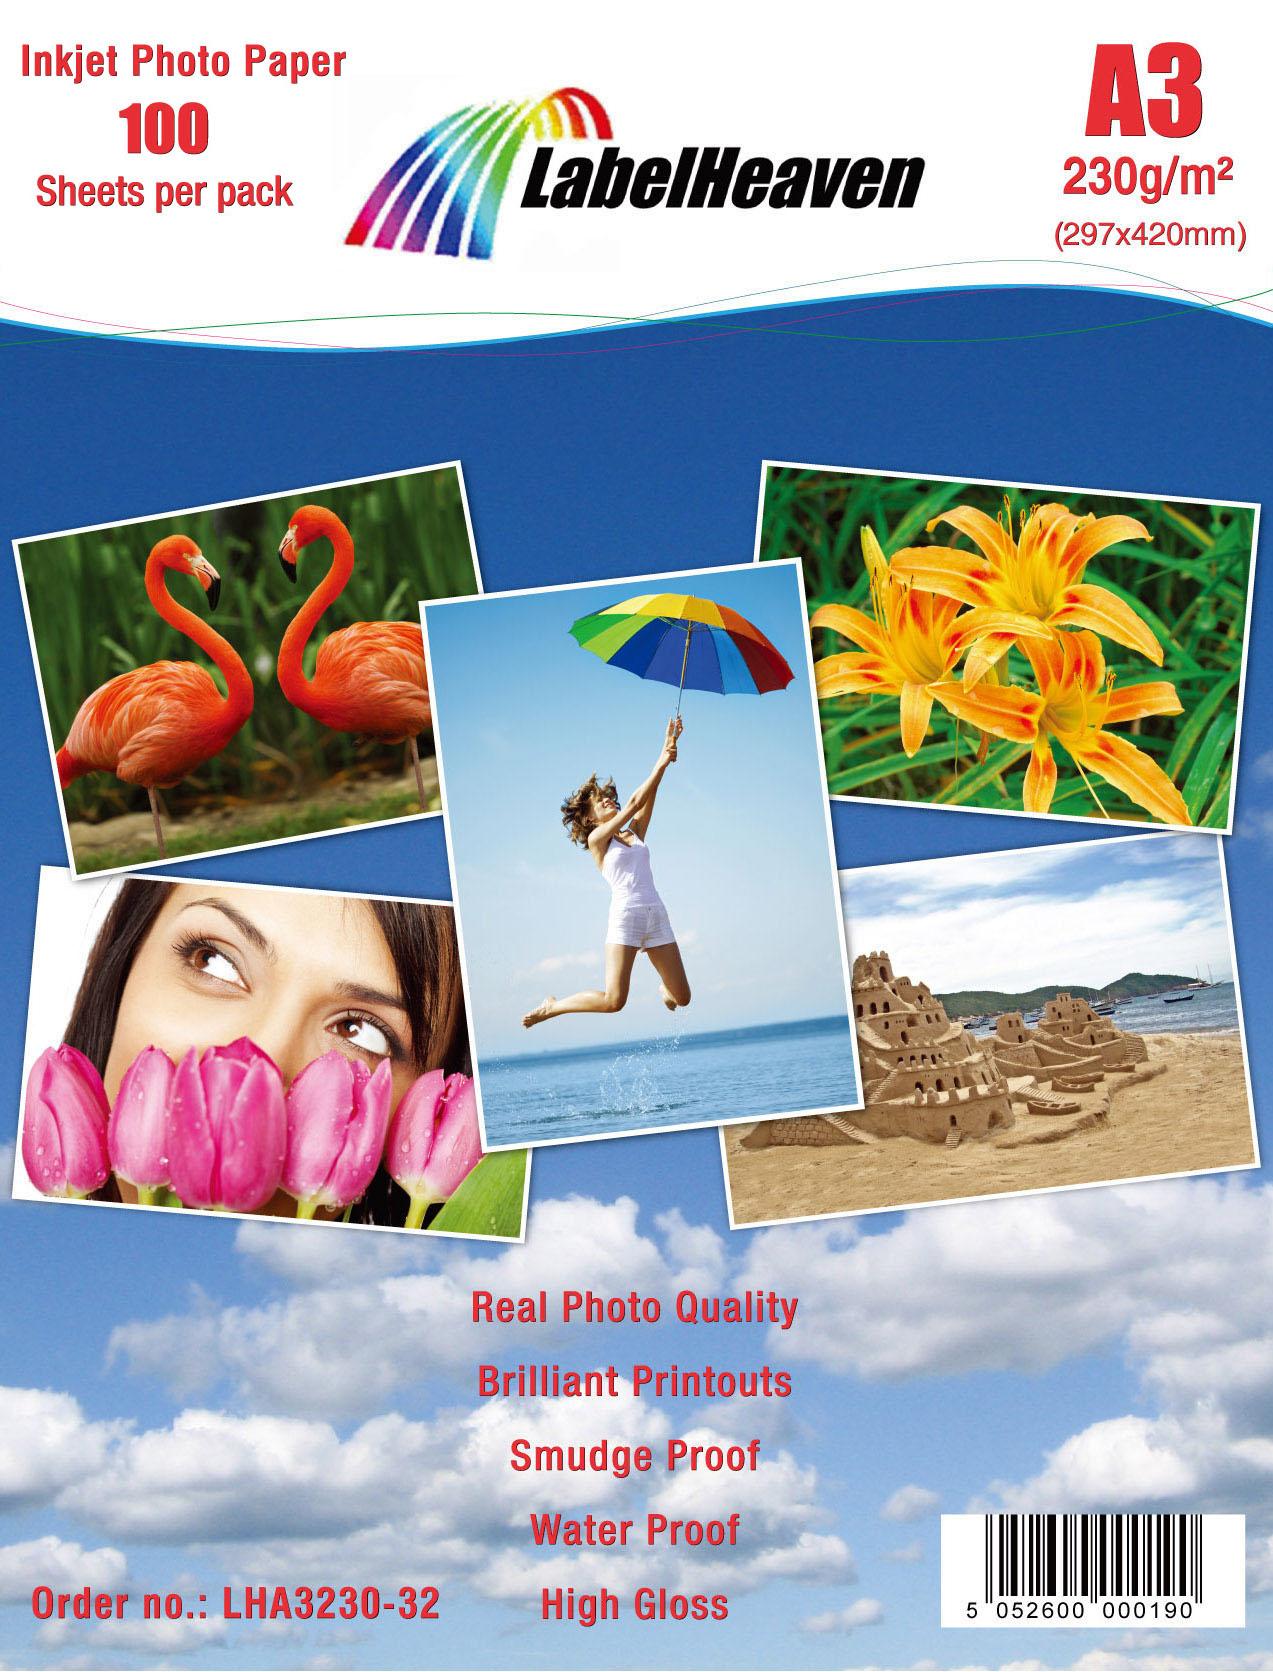 100 Blatt Hochglanz Photopapier DIN A4 180g Fotopapier Super High Glossy P4L